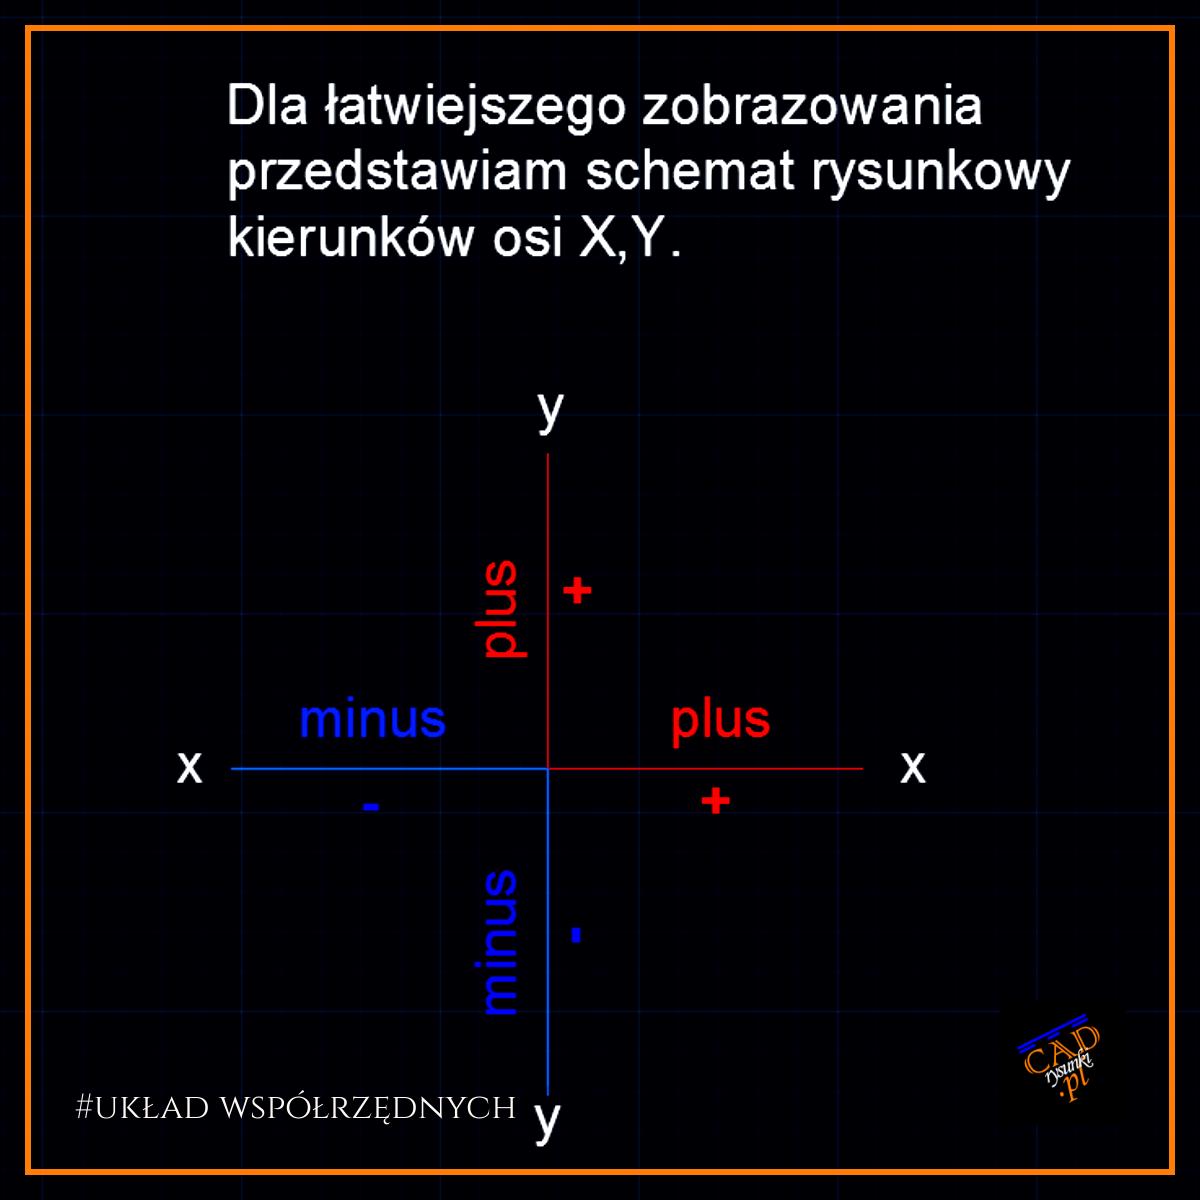 Infografika przedstawiająca układ współrzędnych, kierunki osi, wartości dodatnie oraz ujemne.